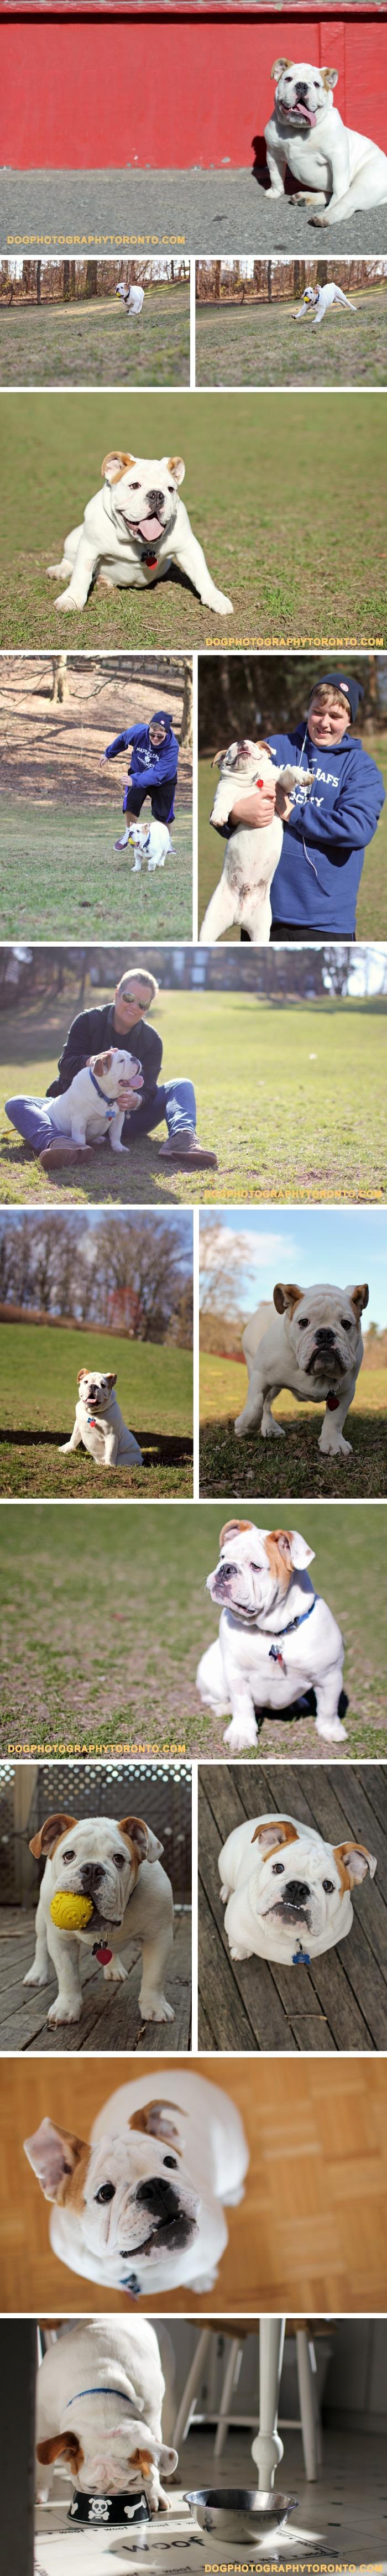 Brady boy ... what a cutie!: Super, Brady Boy, Animals, Boys, Pictures, Box, Blog